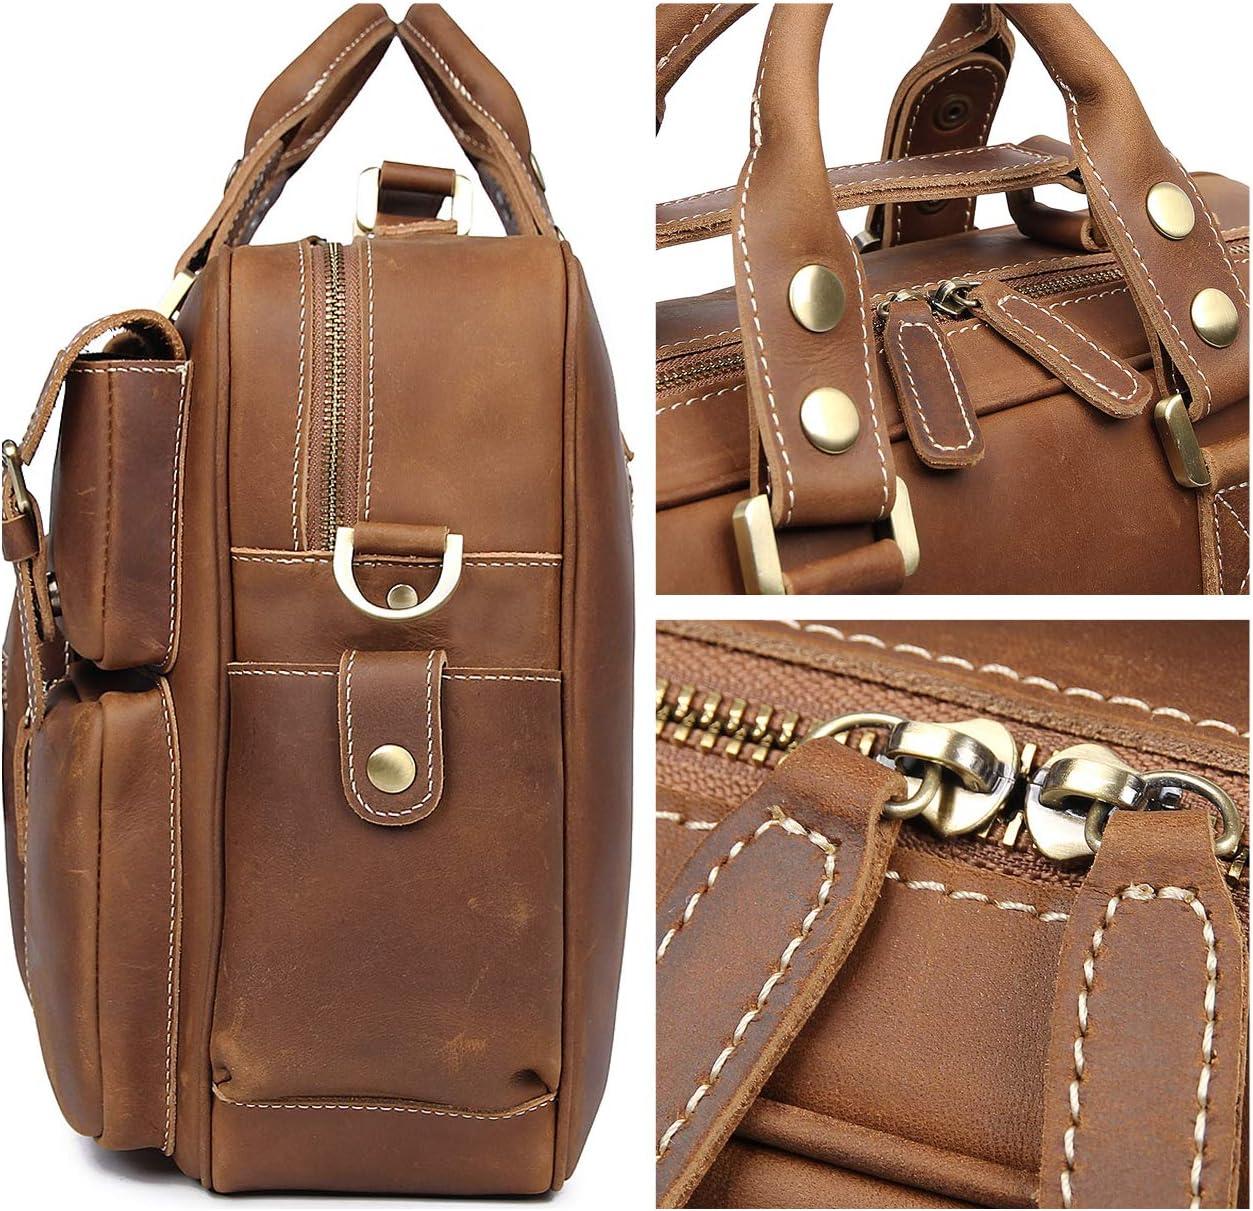 Cross Body Bag Shoulder Bag For Work /& College Styx Messenger Bag